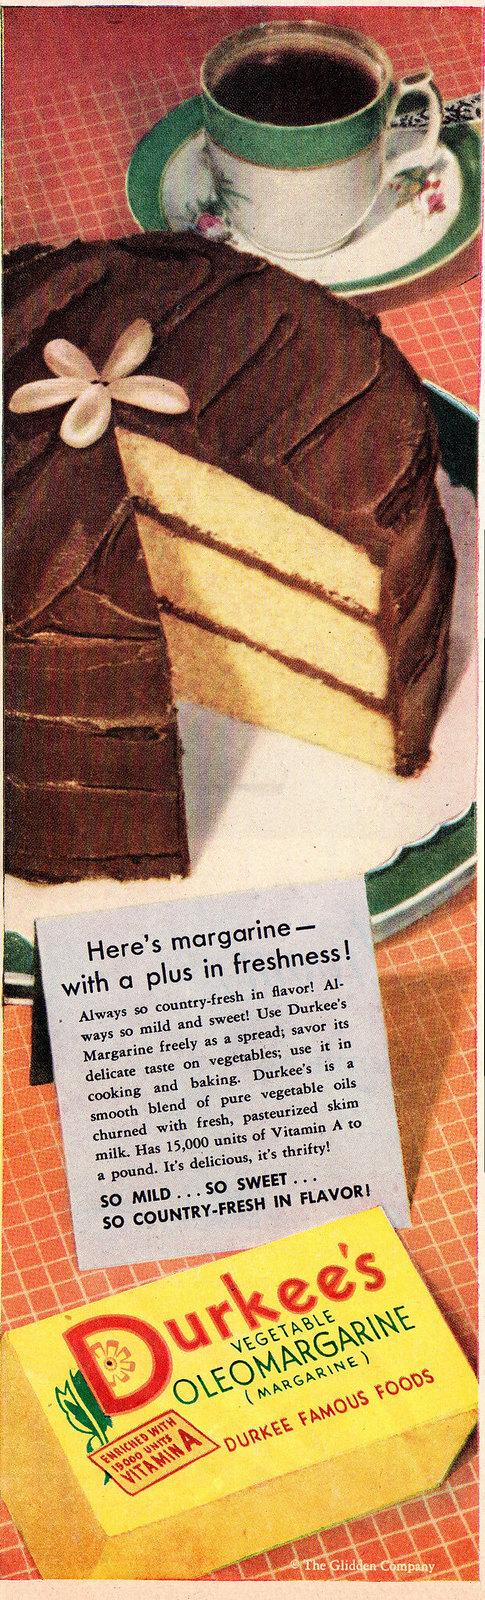 Durkee's 1947